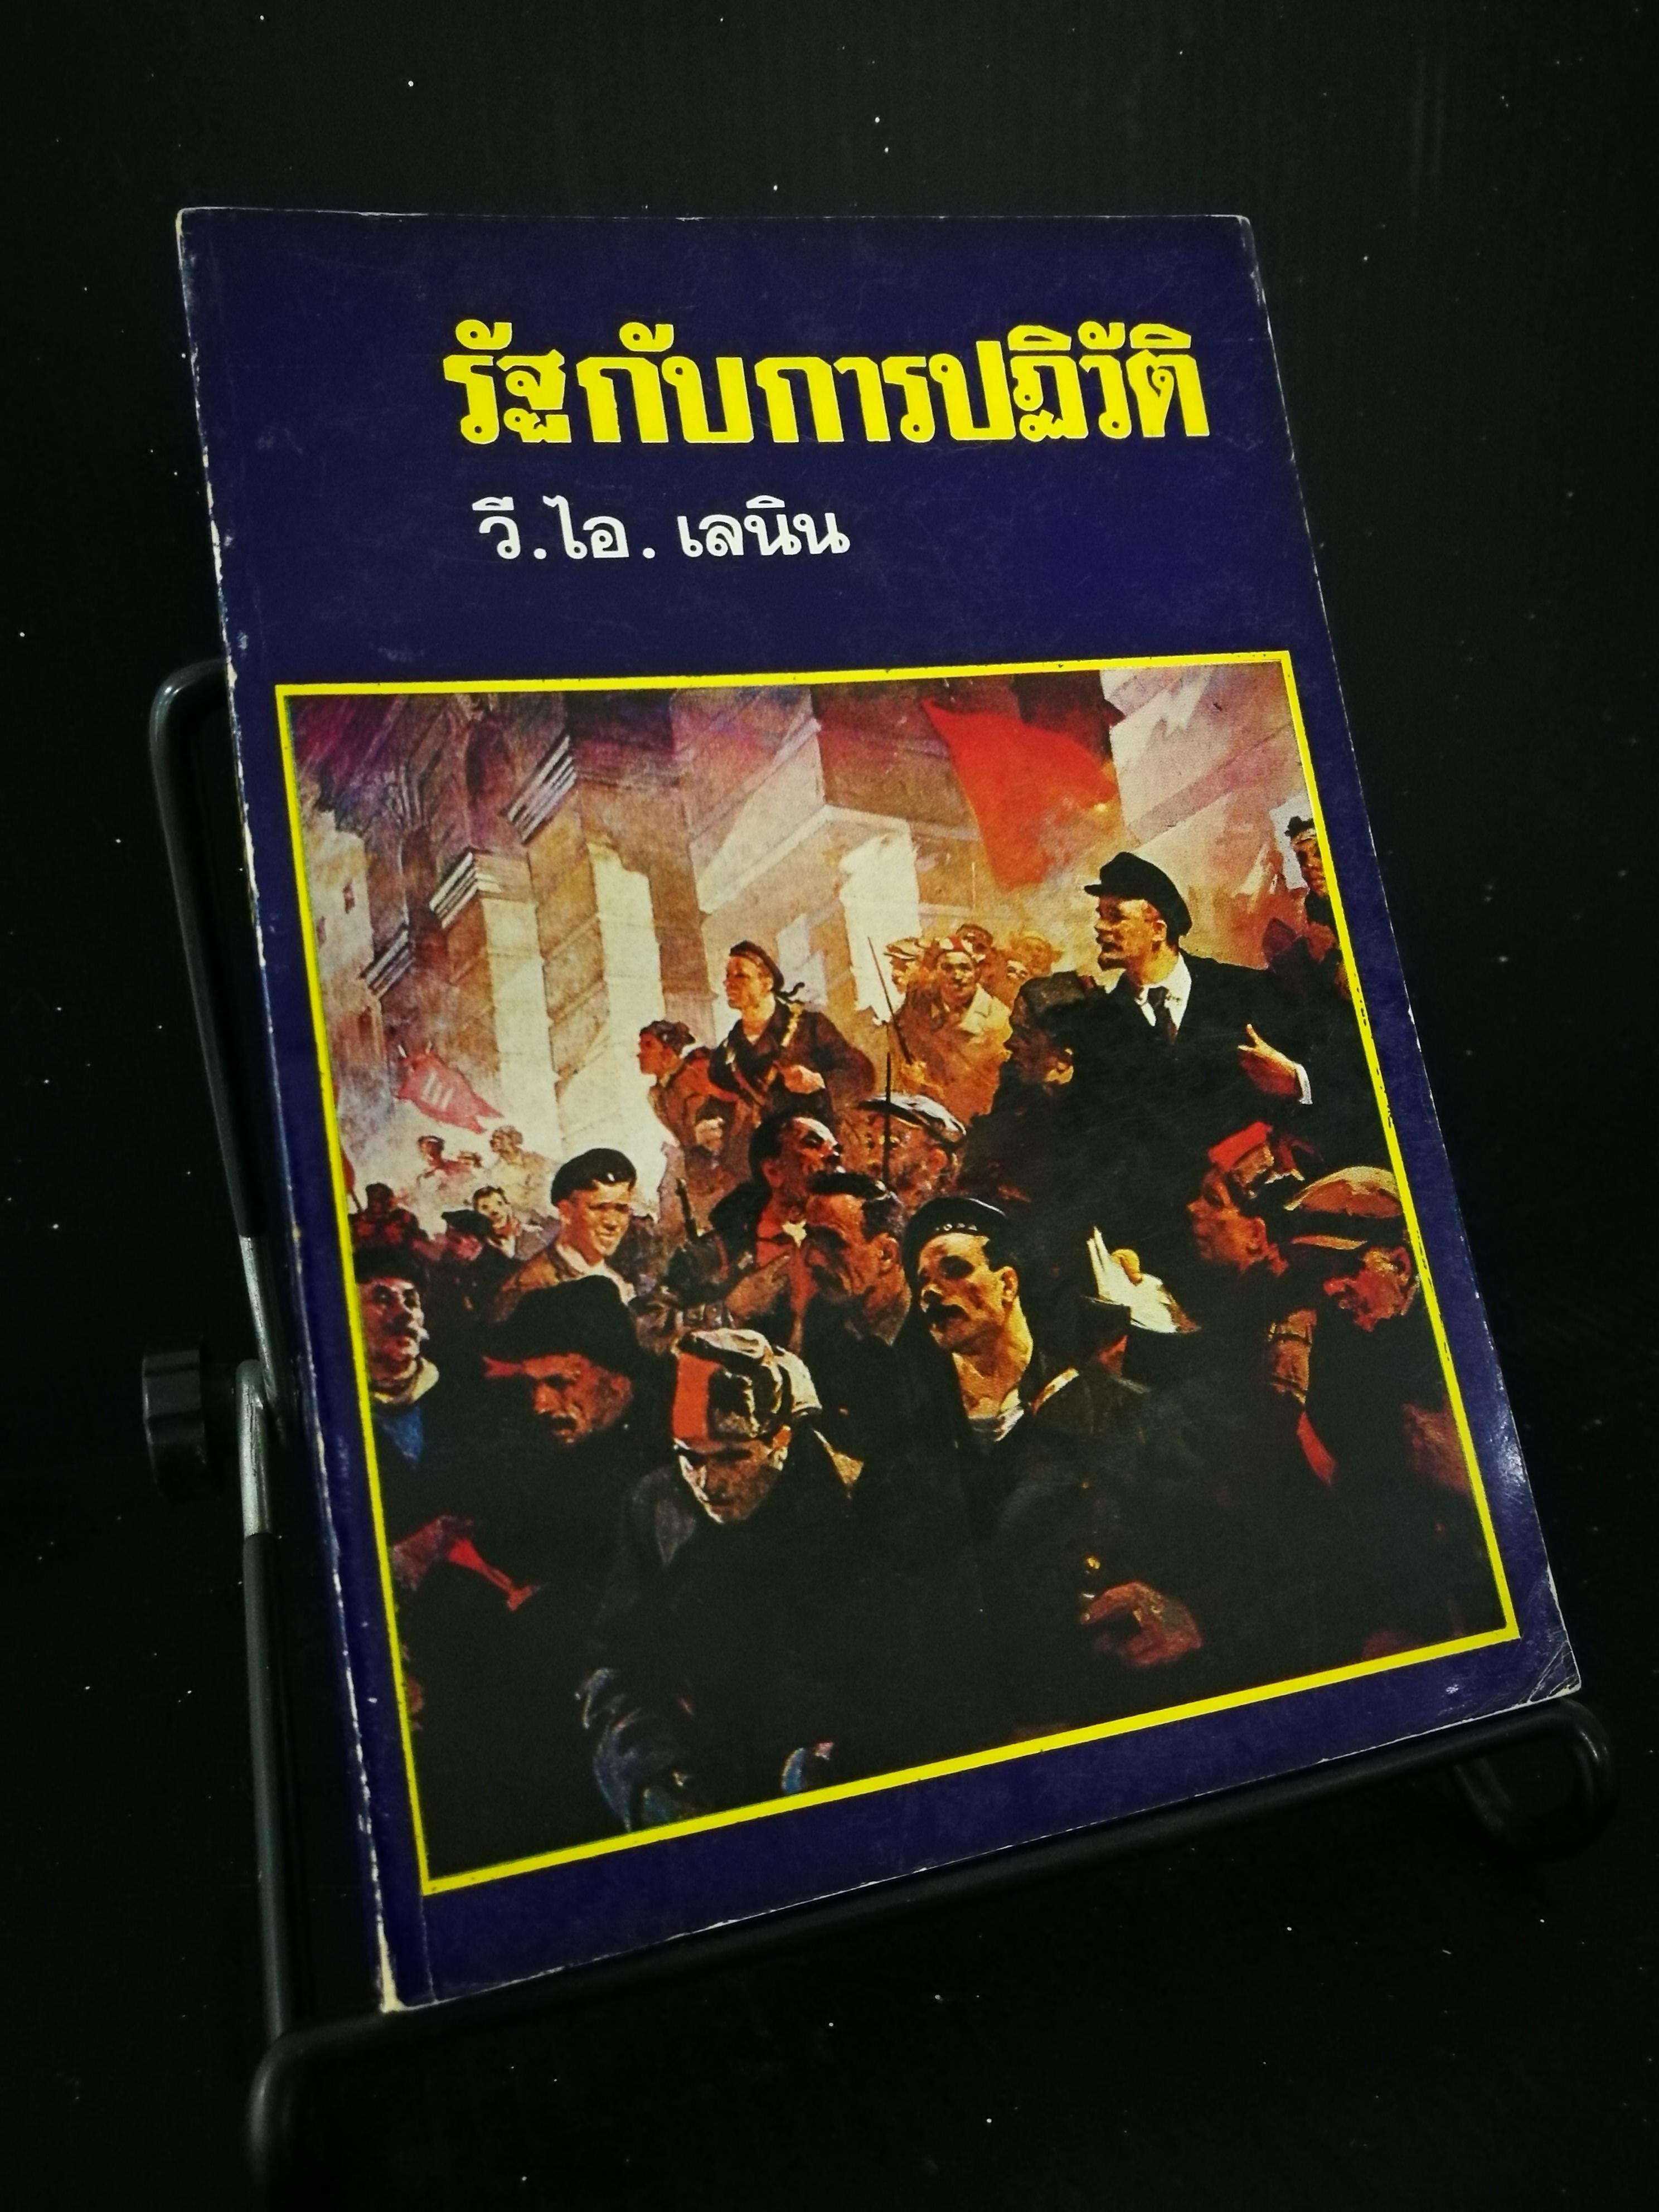 รัฐกับการปฏิวัติ - หนังสือต้องห้าม